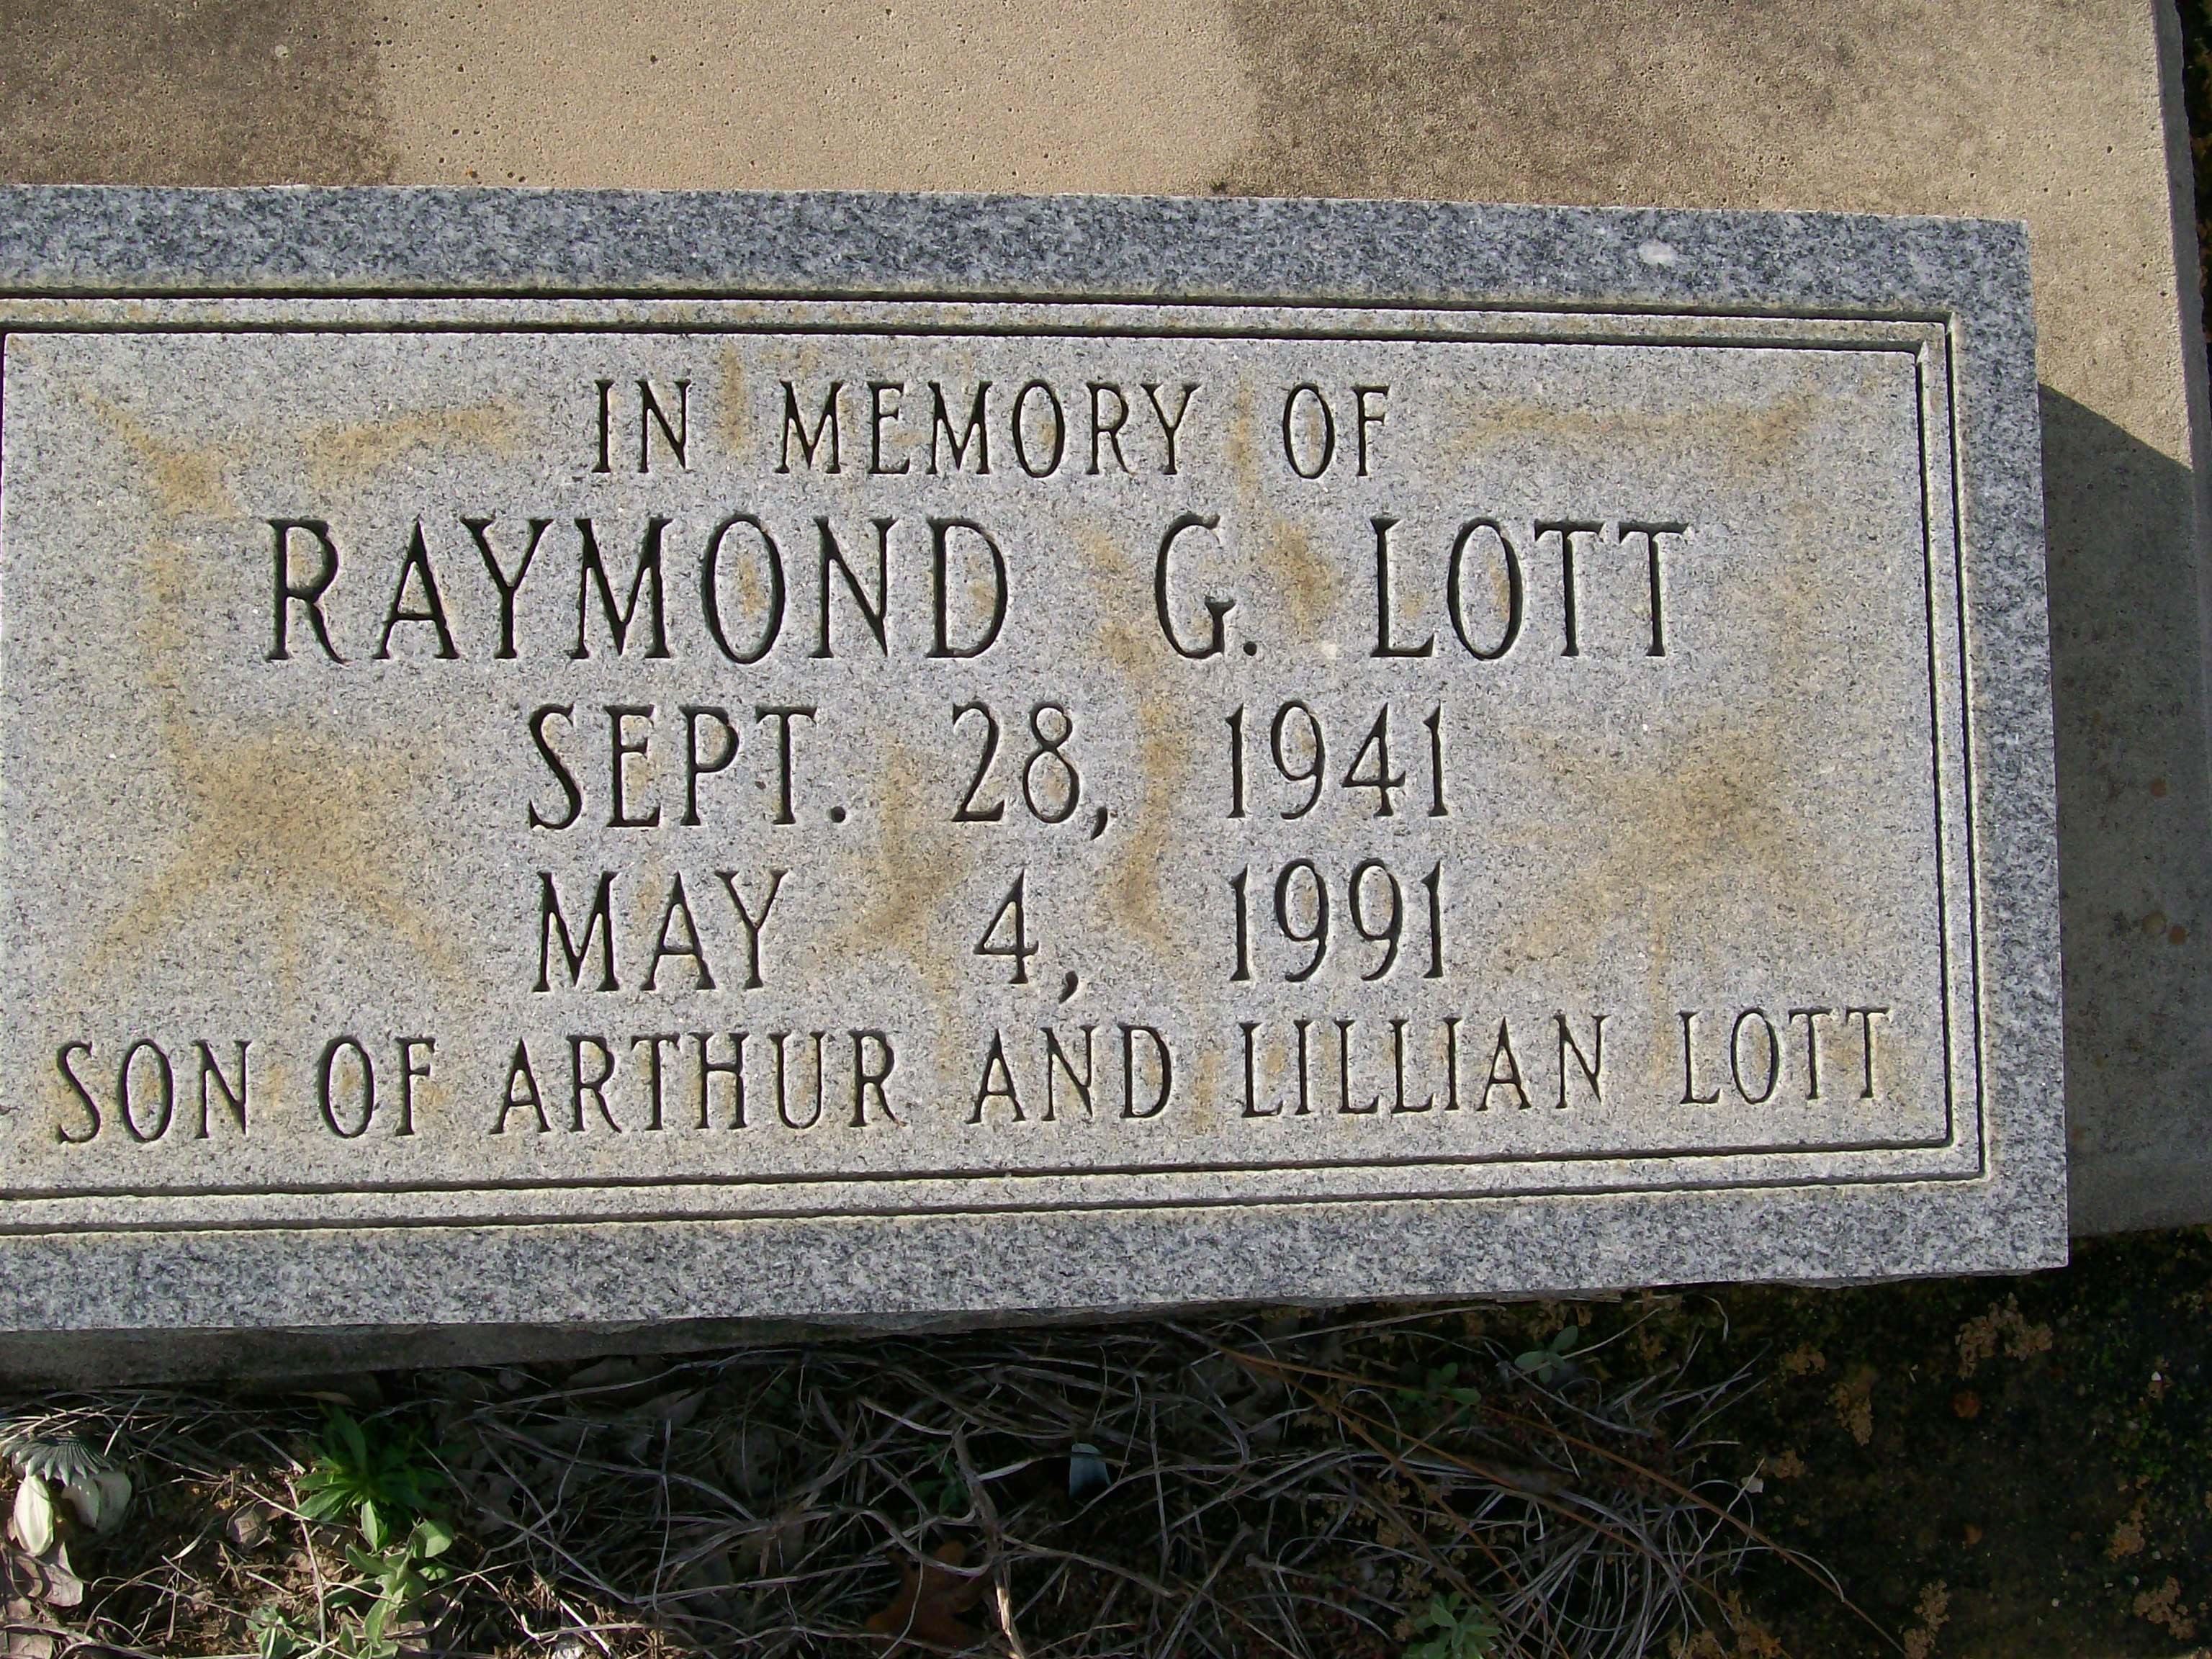 George Lott